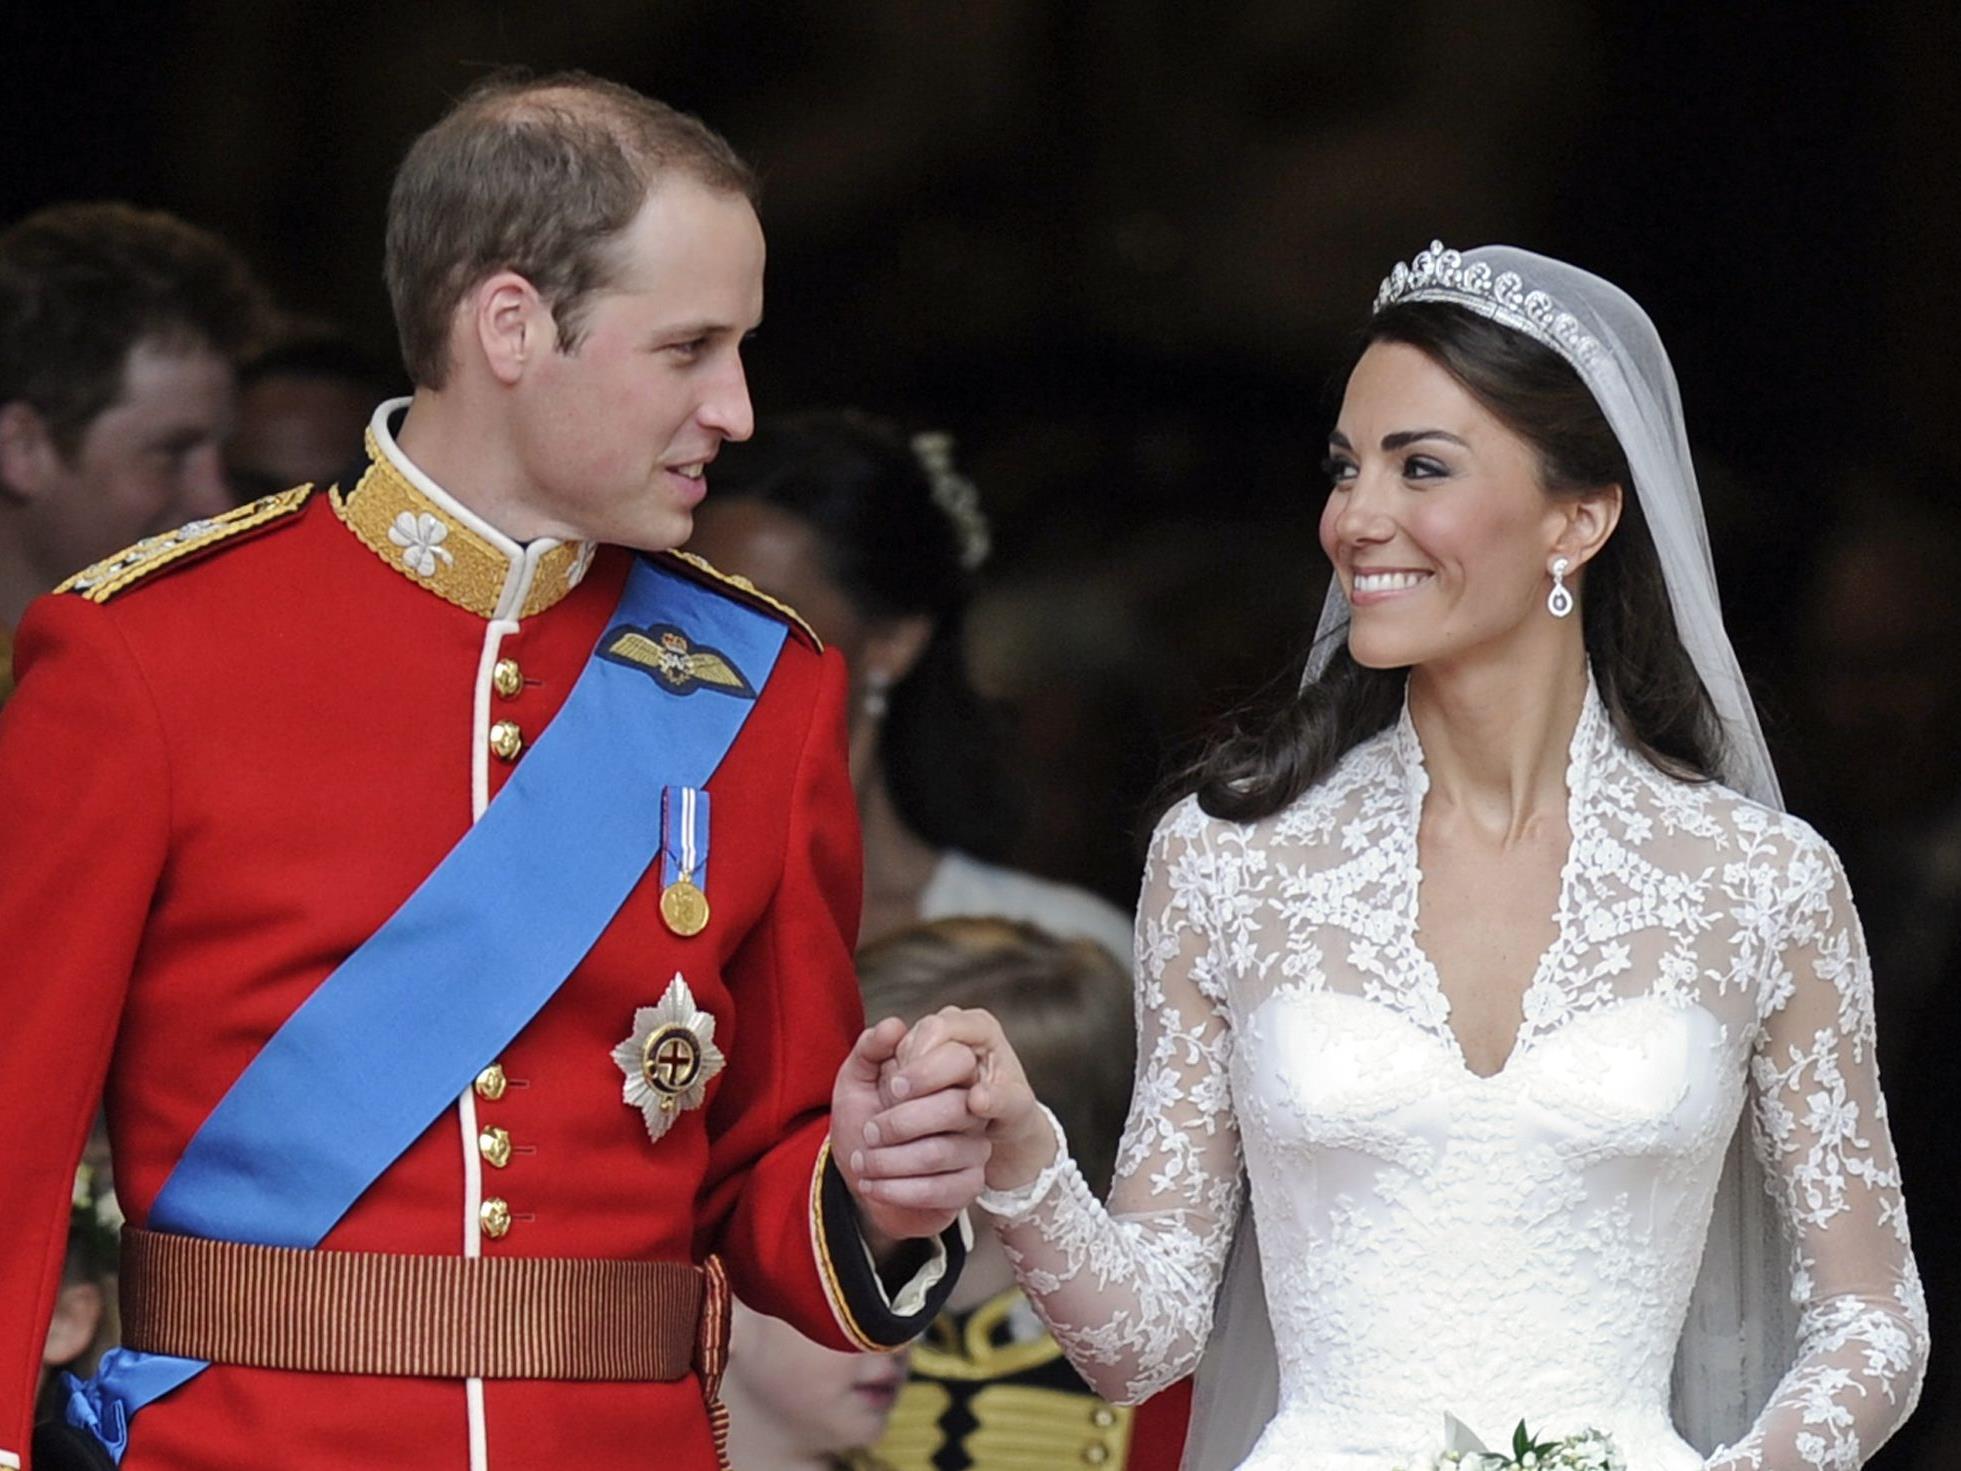 Die ganze Welt verfolgte die Märchenhochzeit von William und Kate am 29. April 2011.